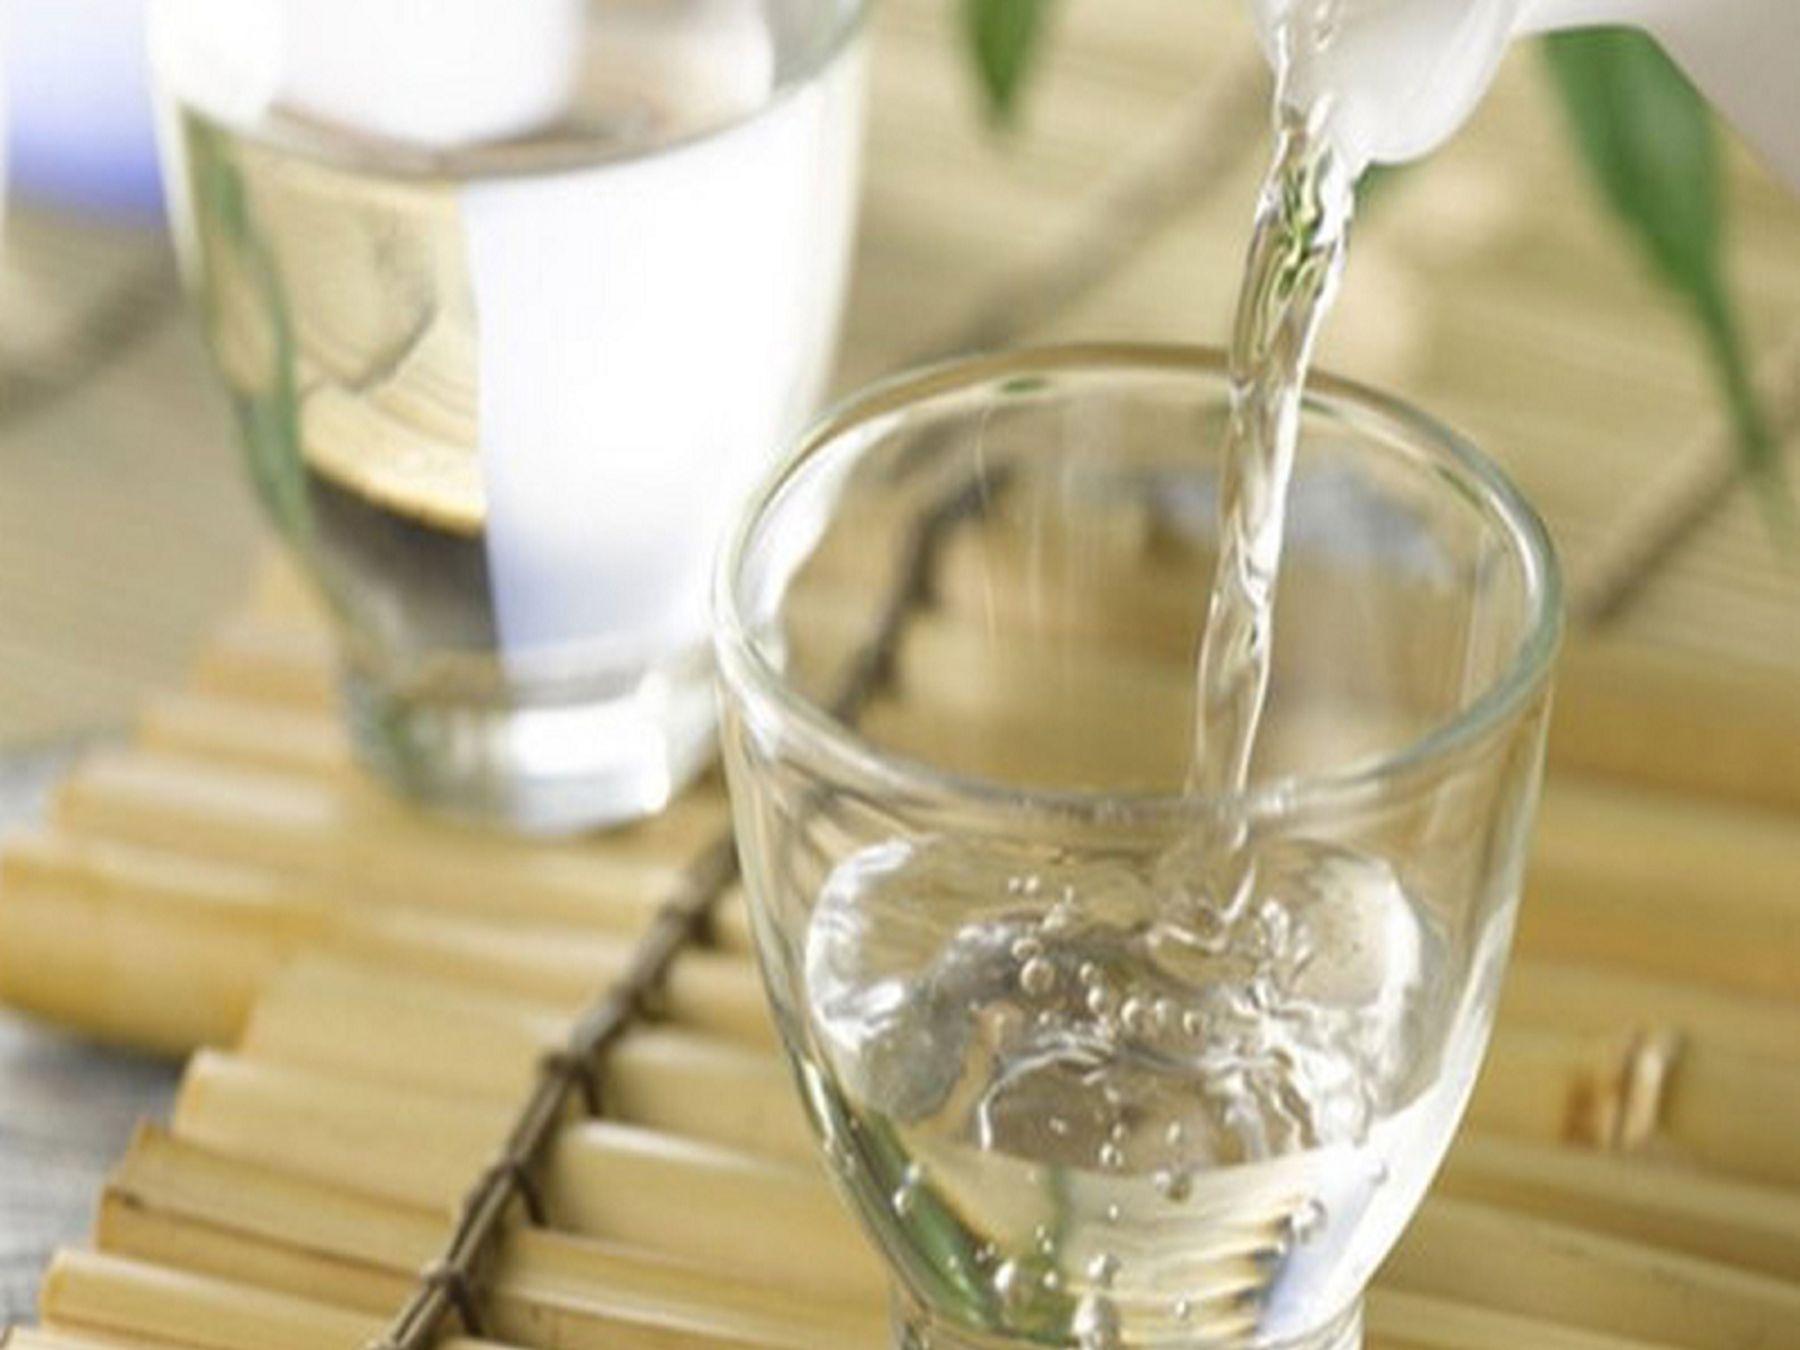 Cách tẩy bồn rửa mặt bằng rượu gạo